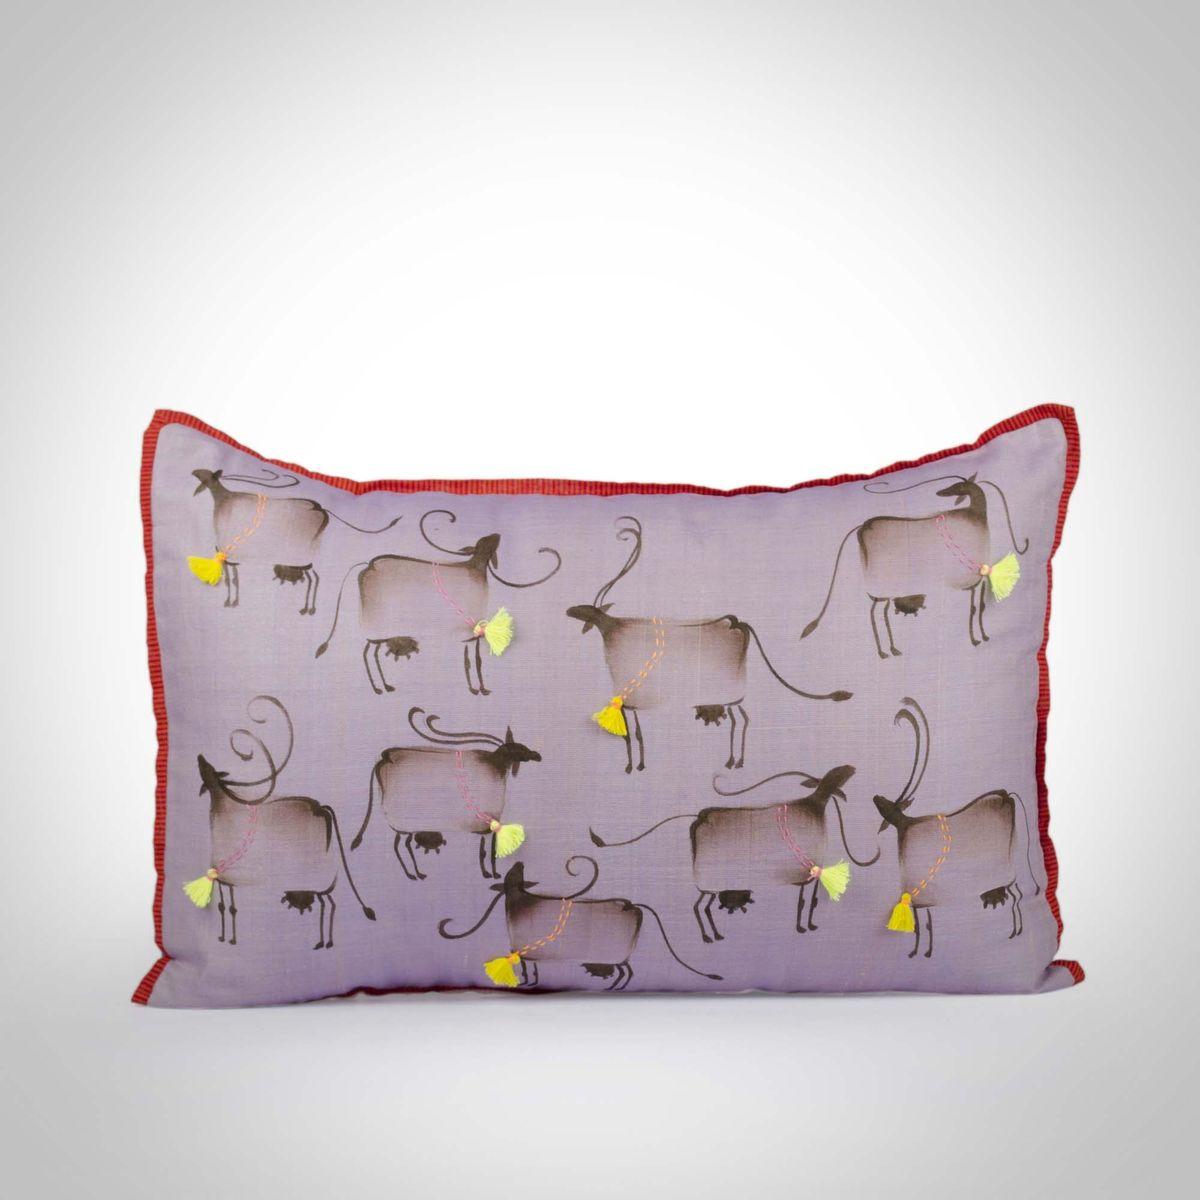 Cotton Silk Cushion Cover - 12x18Inch